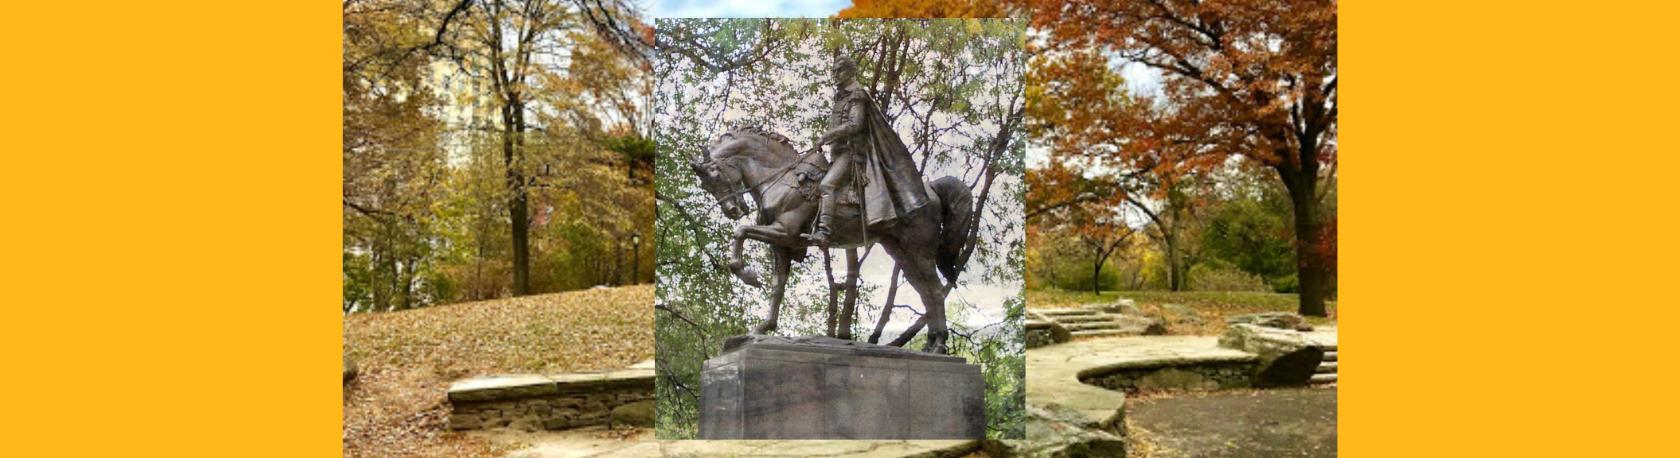 ¿Sabías que el monumento de Simón Bolívar en Central Park se encontraba originalmente en Summit Rock? - Easy Español